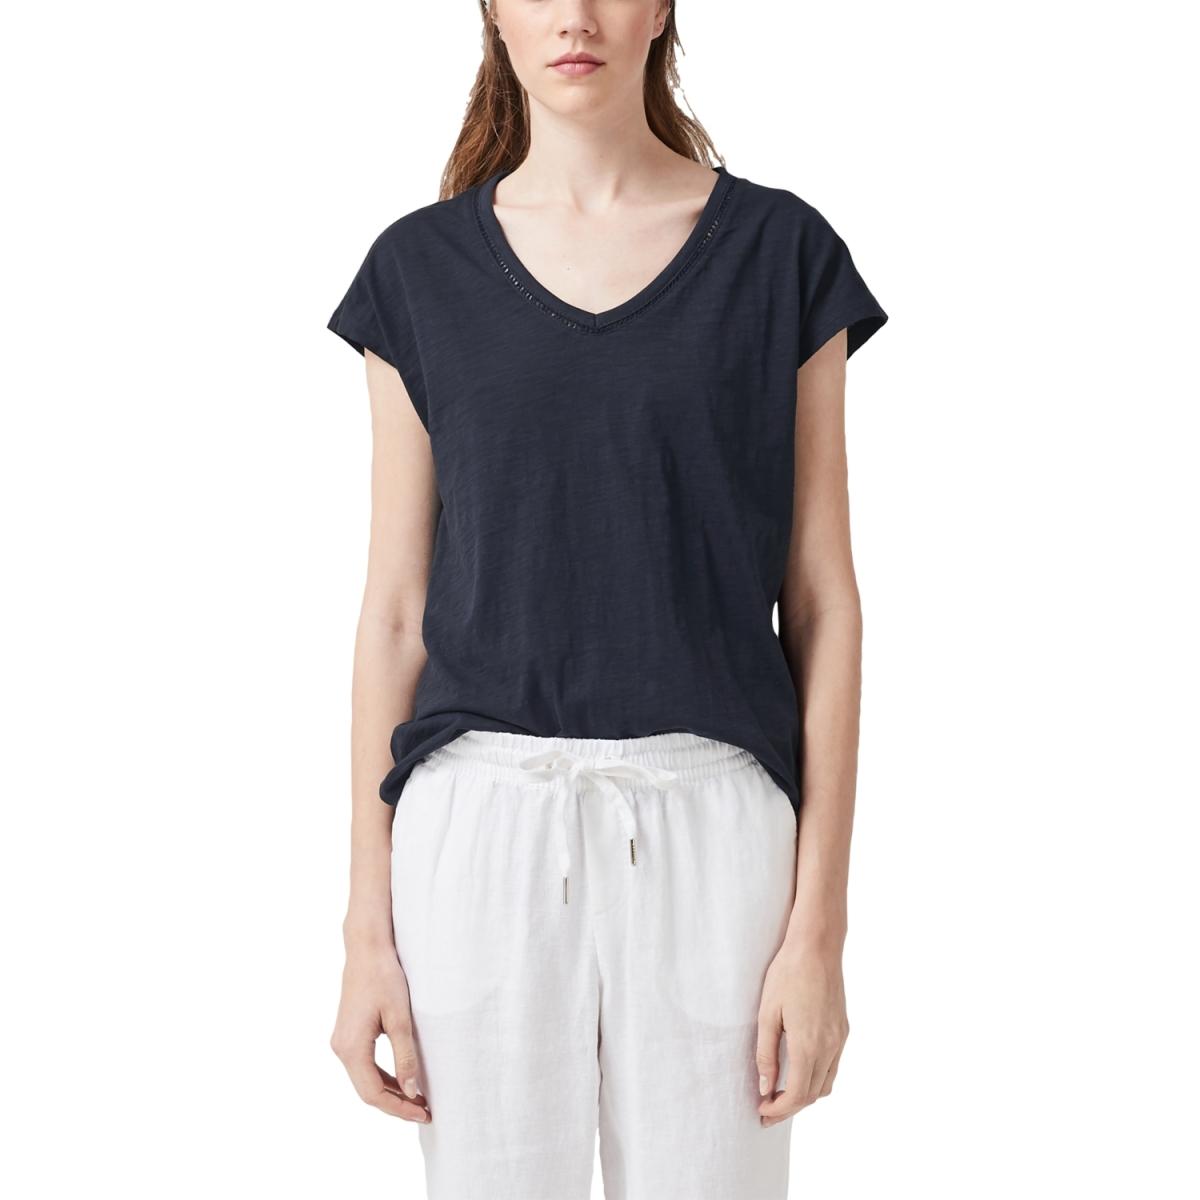 t shirt met v hals 14905324748 s.oliver t-shirt 5959